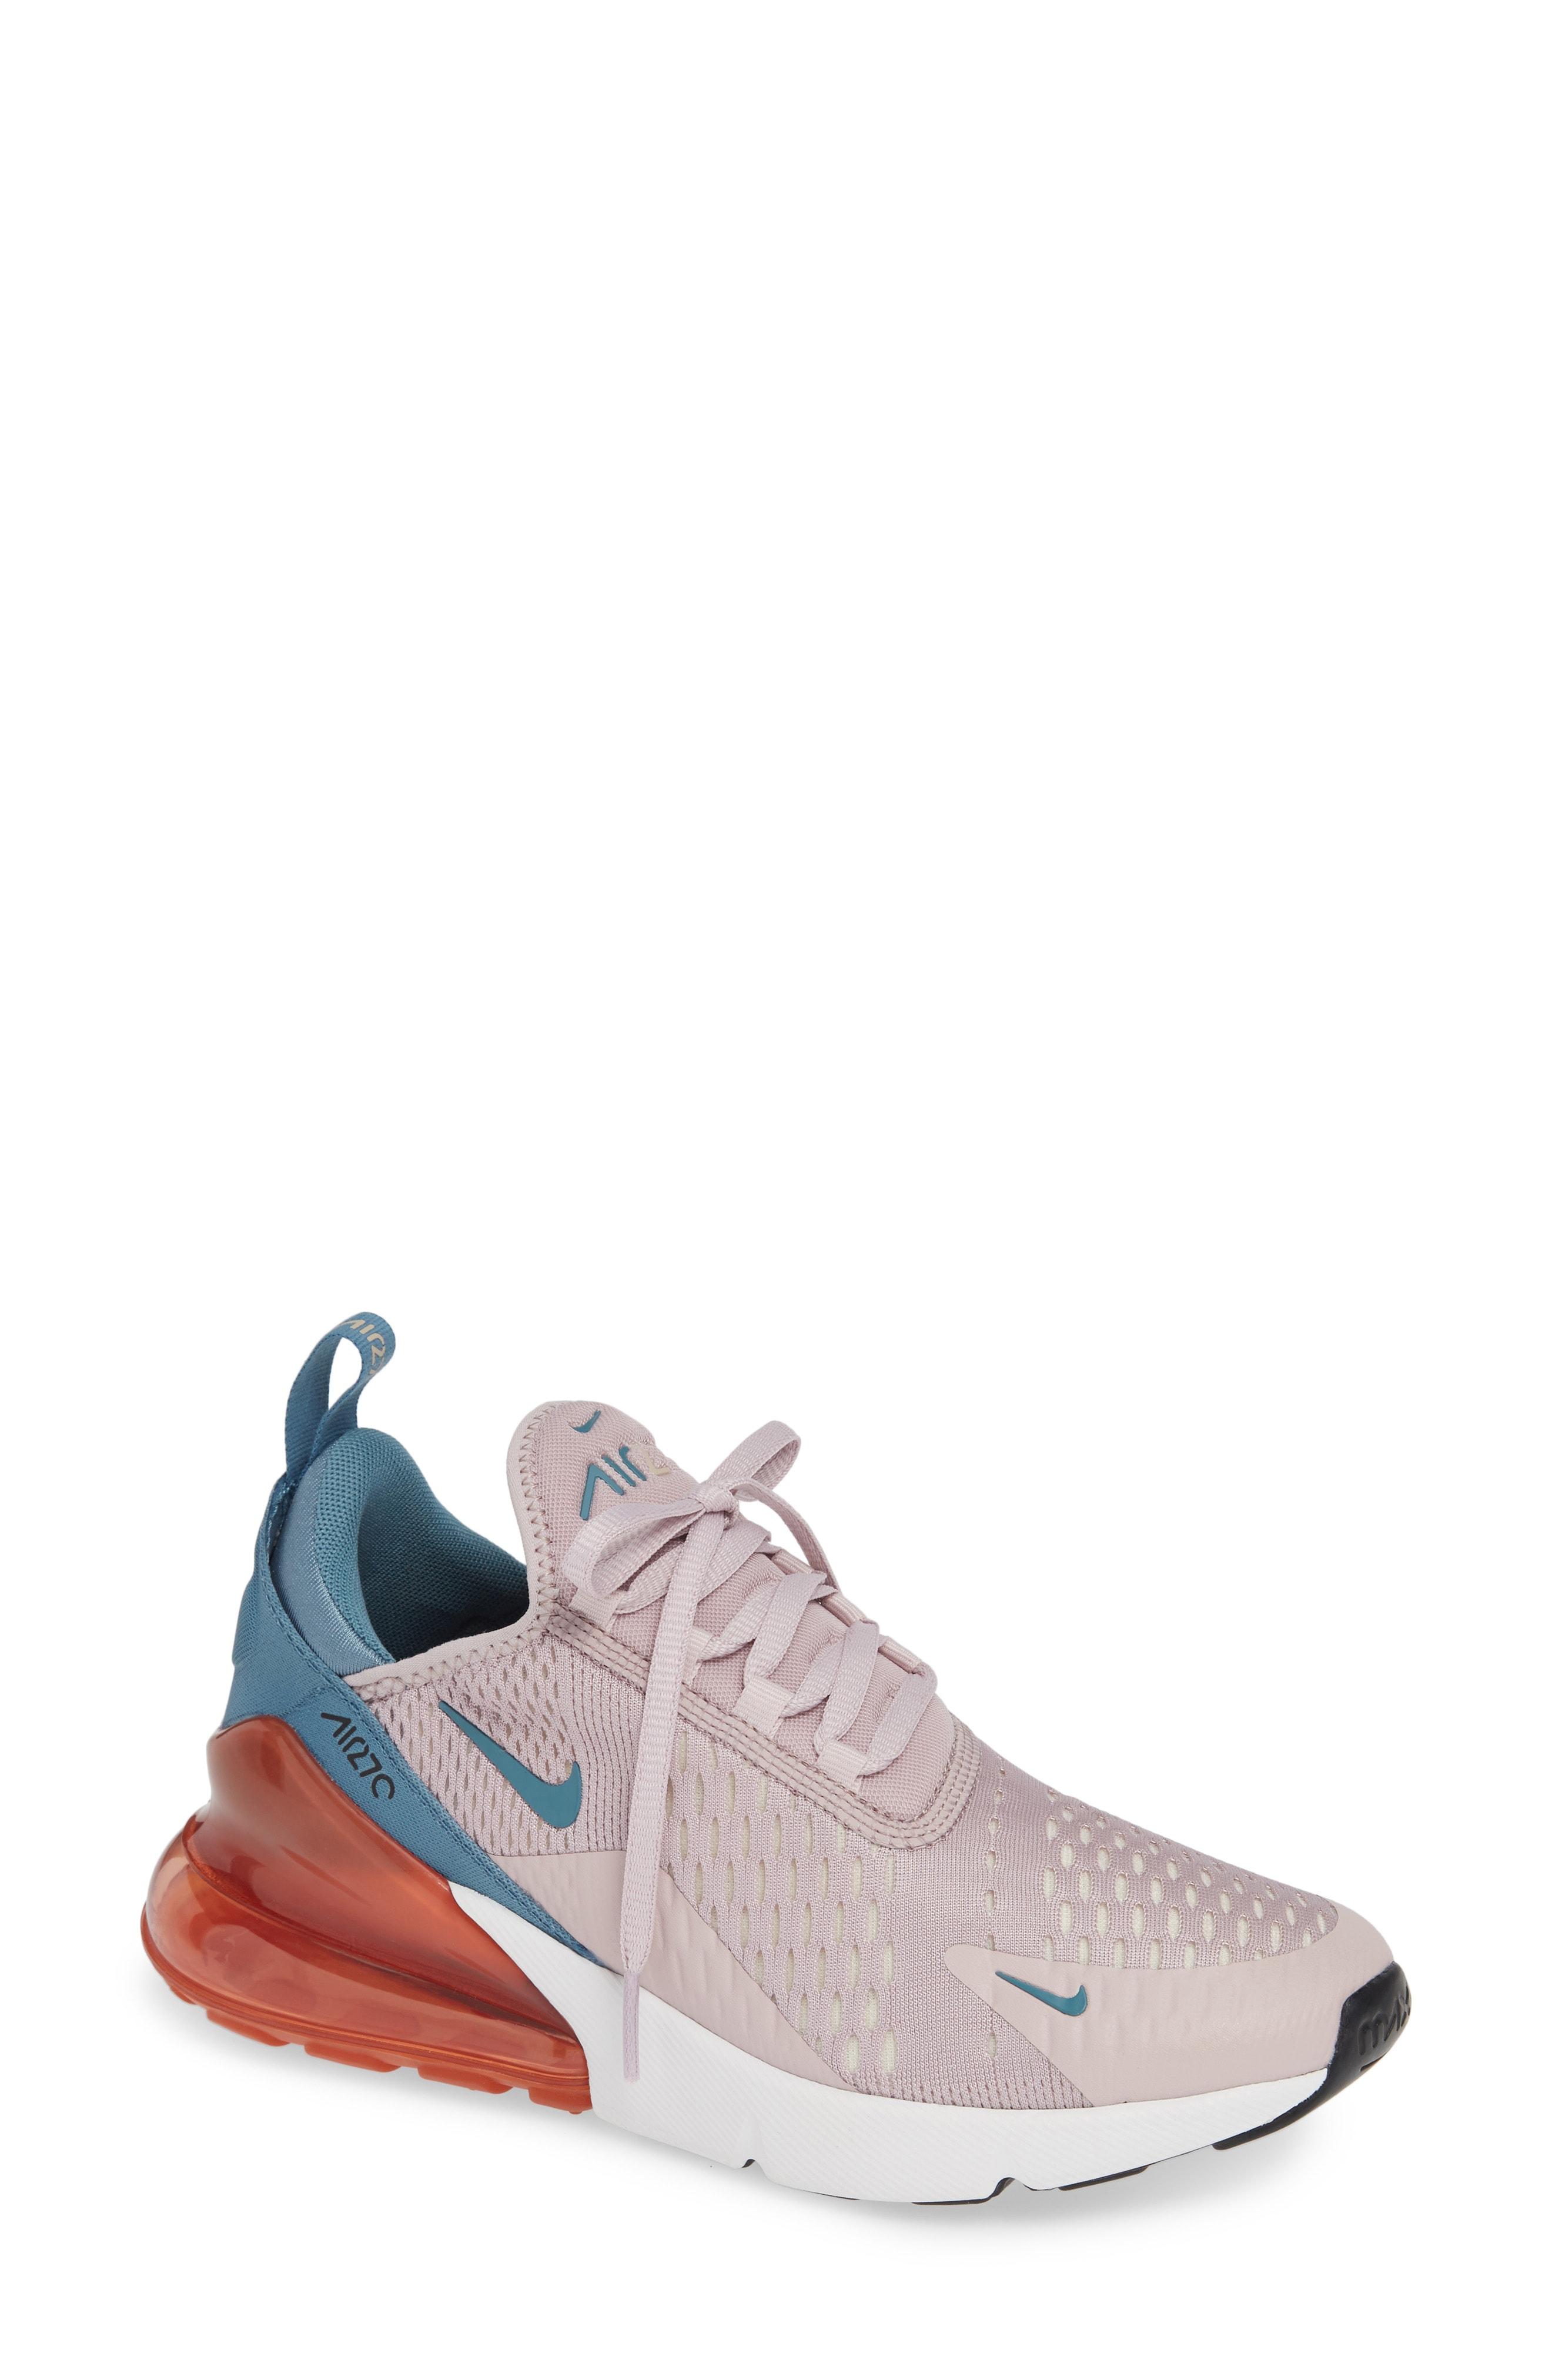 Nike Air Max 270 Premium Sneaker (Women)